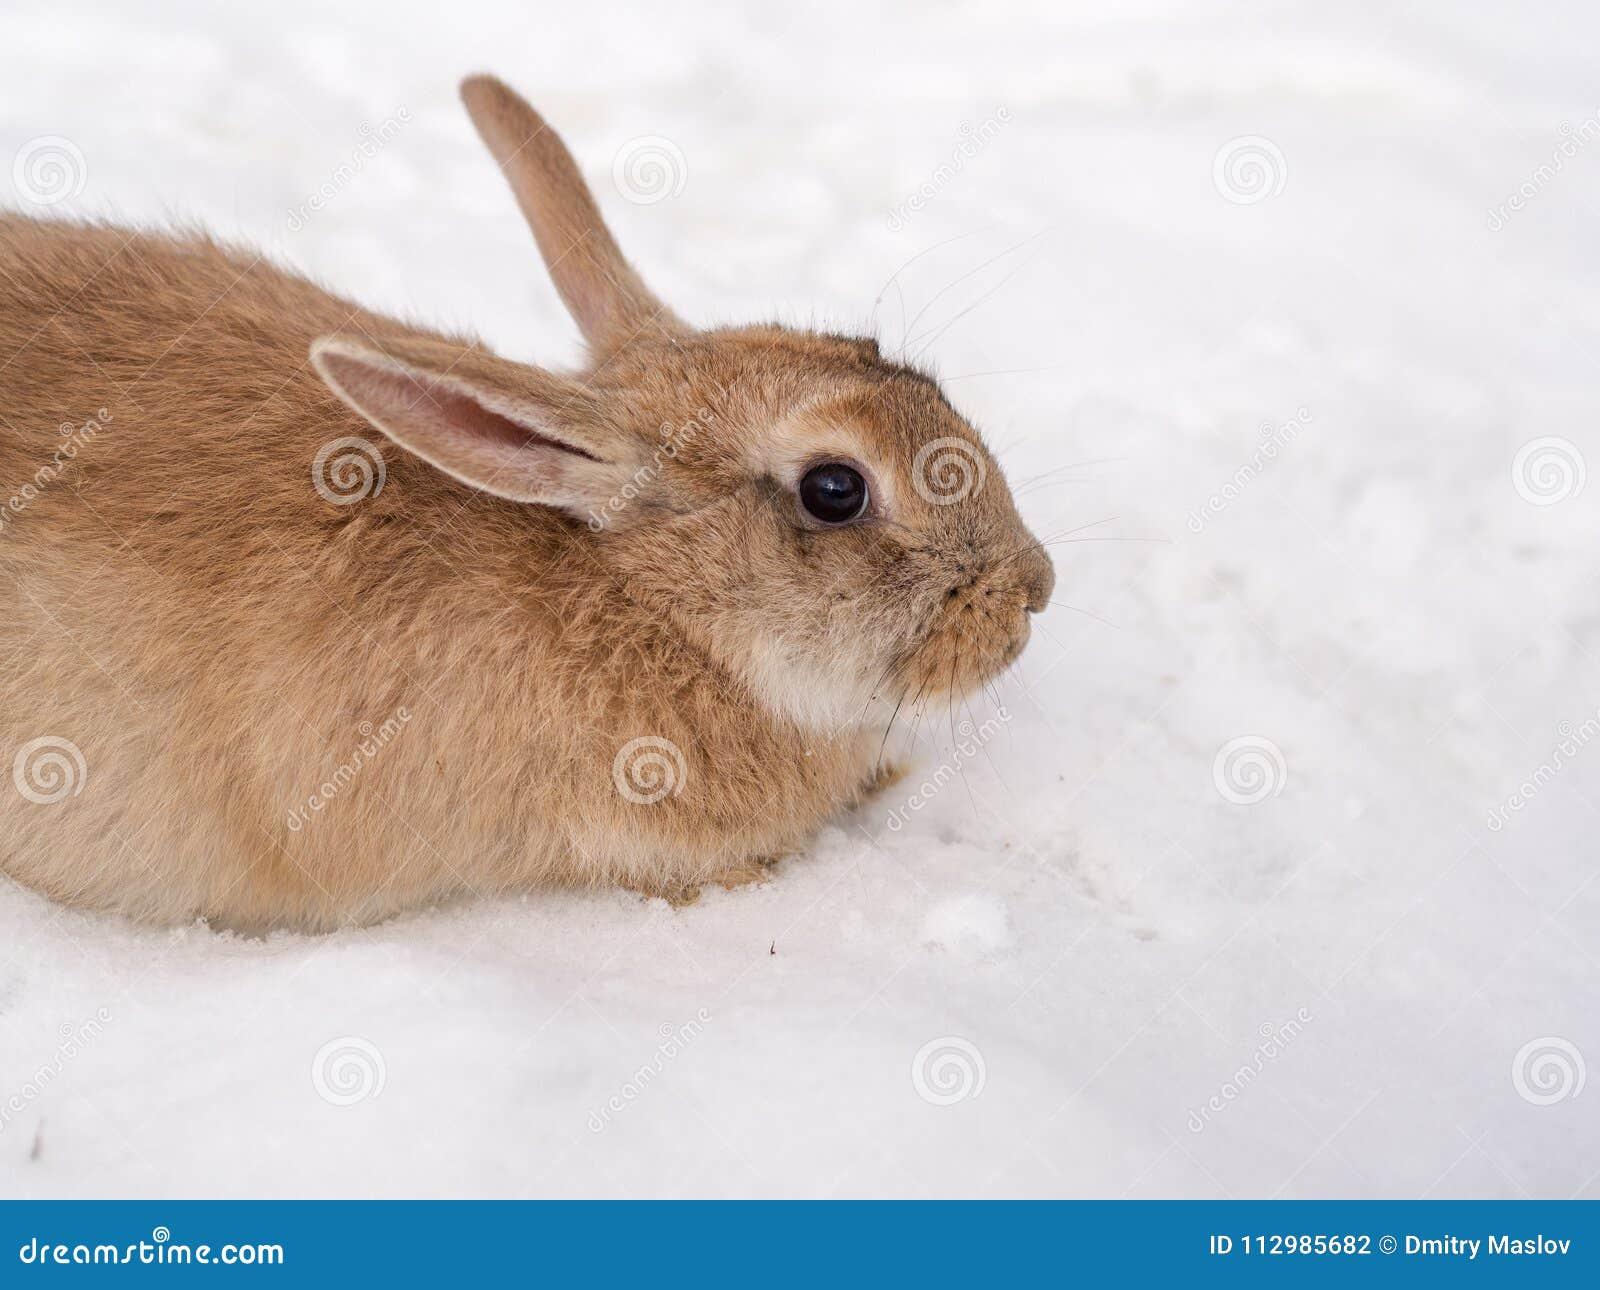 Brown rabbit close up